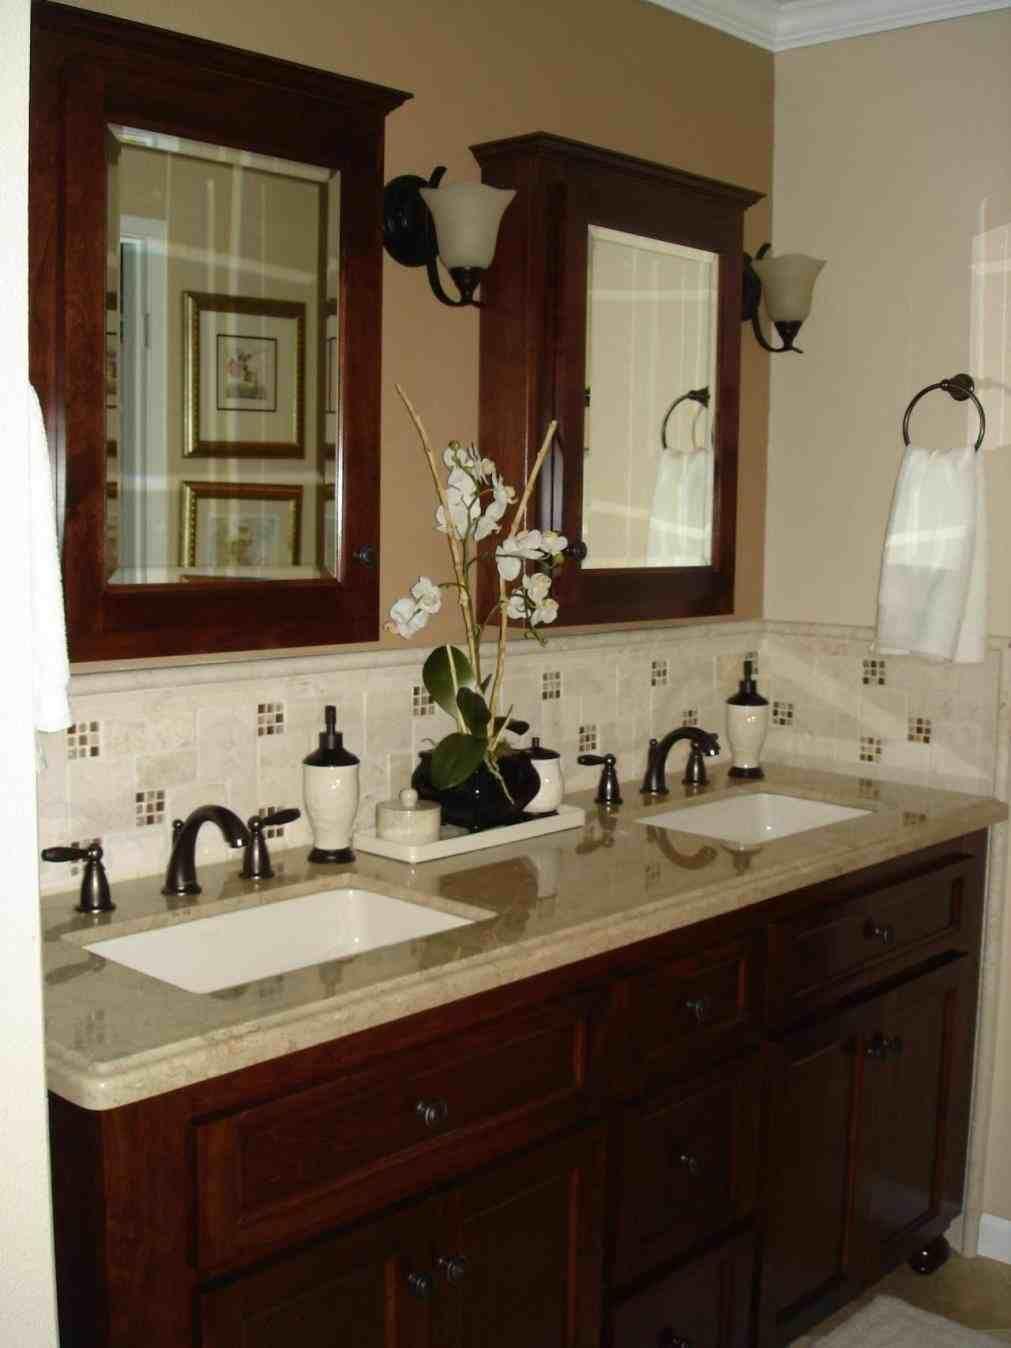 This Bathroom Backsplash Ideas Granite Countertops Kitchen Backsplash Ideas With Light Granite Clever Bathroom Storage Bathroom Backsplash Stylish Bathroom